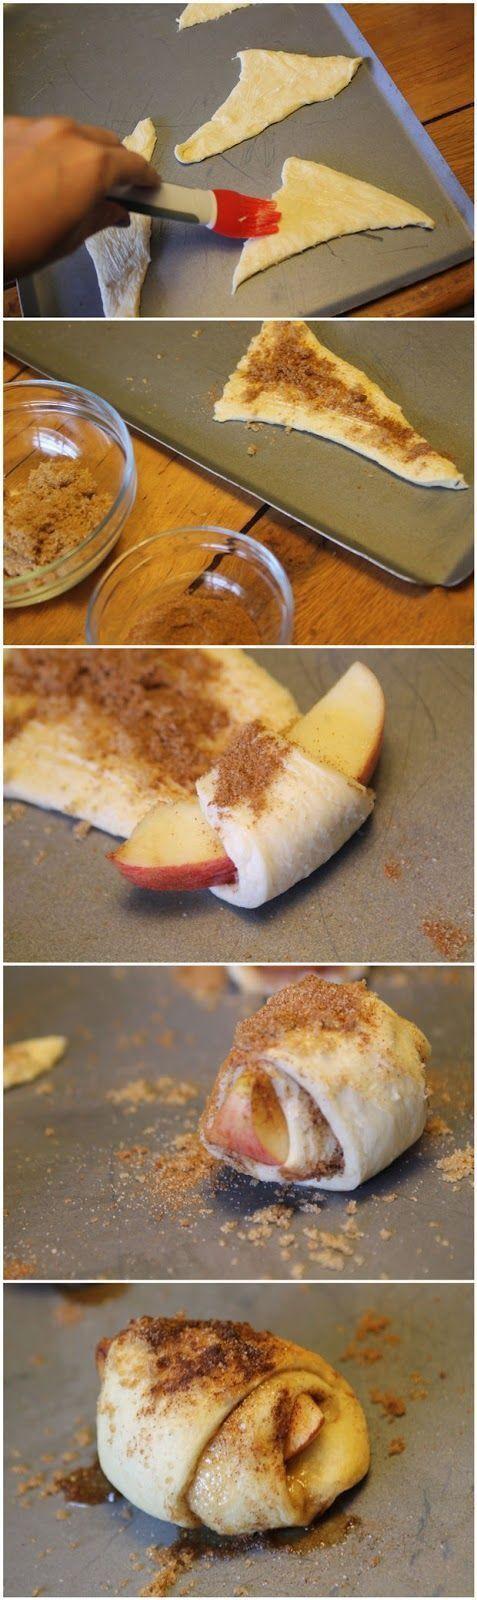 une pâte feuillée, une pomme et de la cannelle : un #recette facile et qui donne envie !